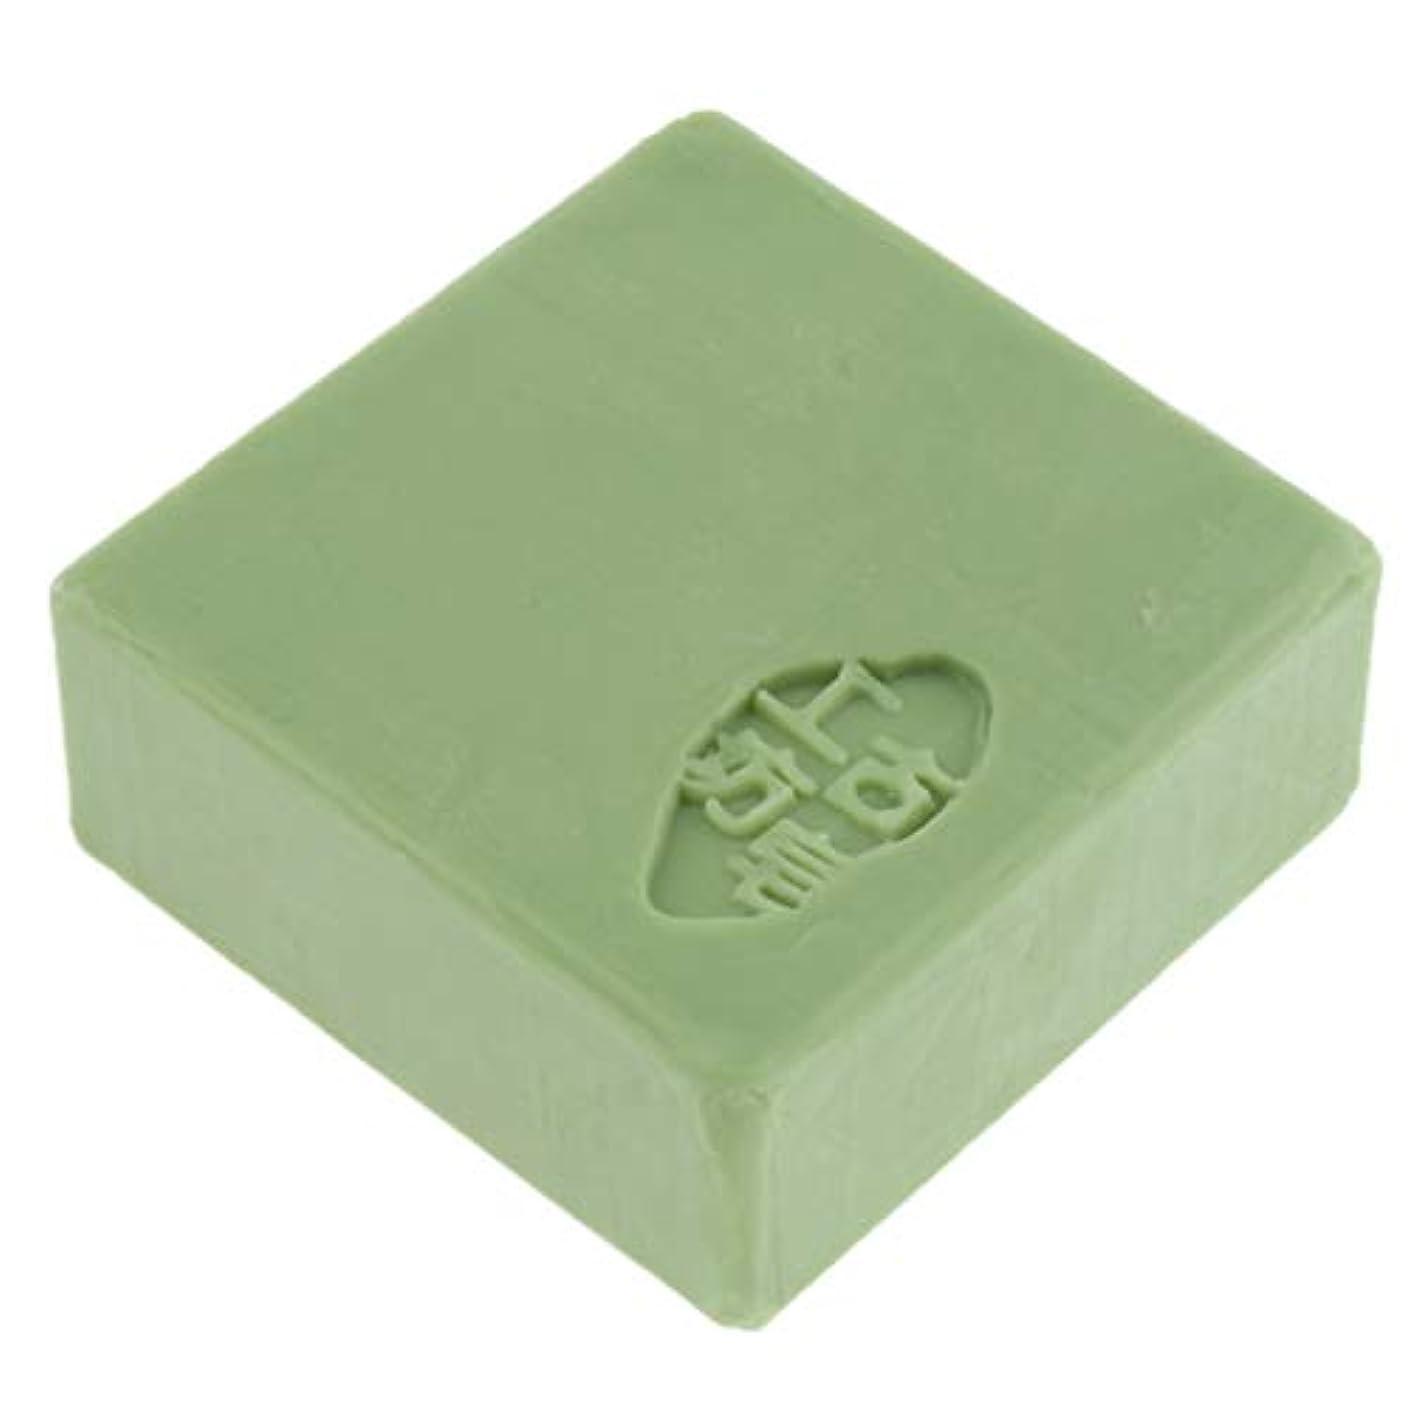 寝具無謀ホステルFLAMEER フェイスソープ ボディソープ スキンケア 石鹸 メイク落とし 全3色 - 緑